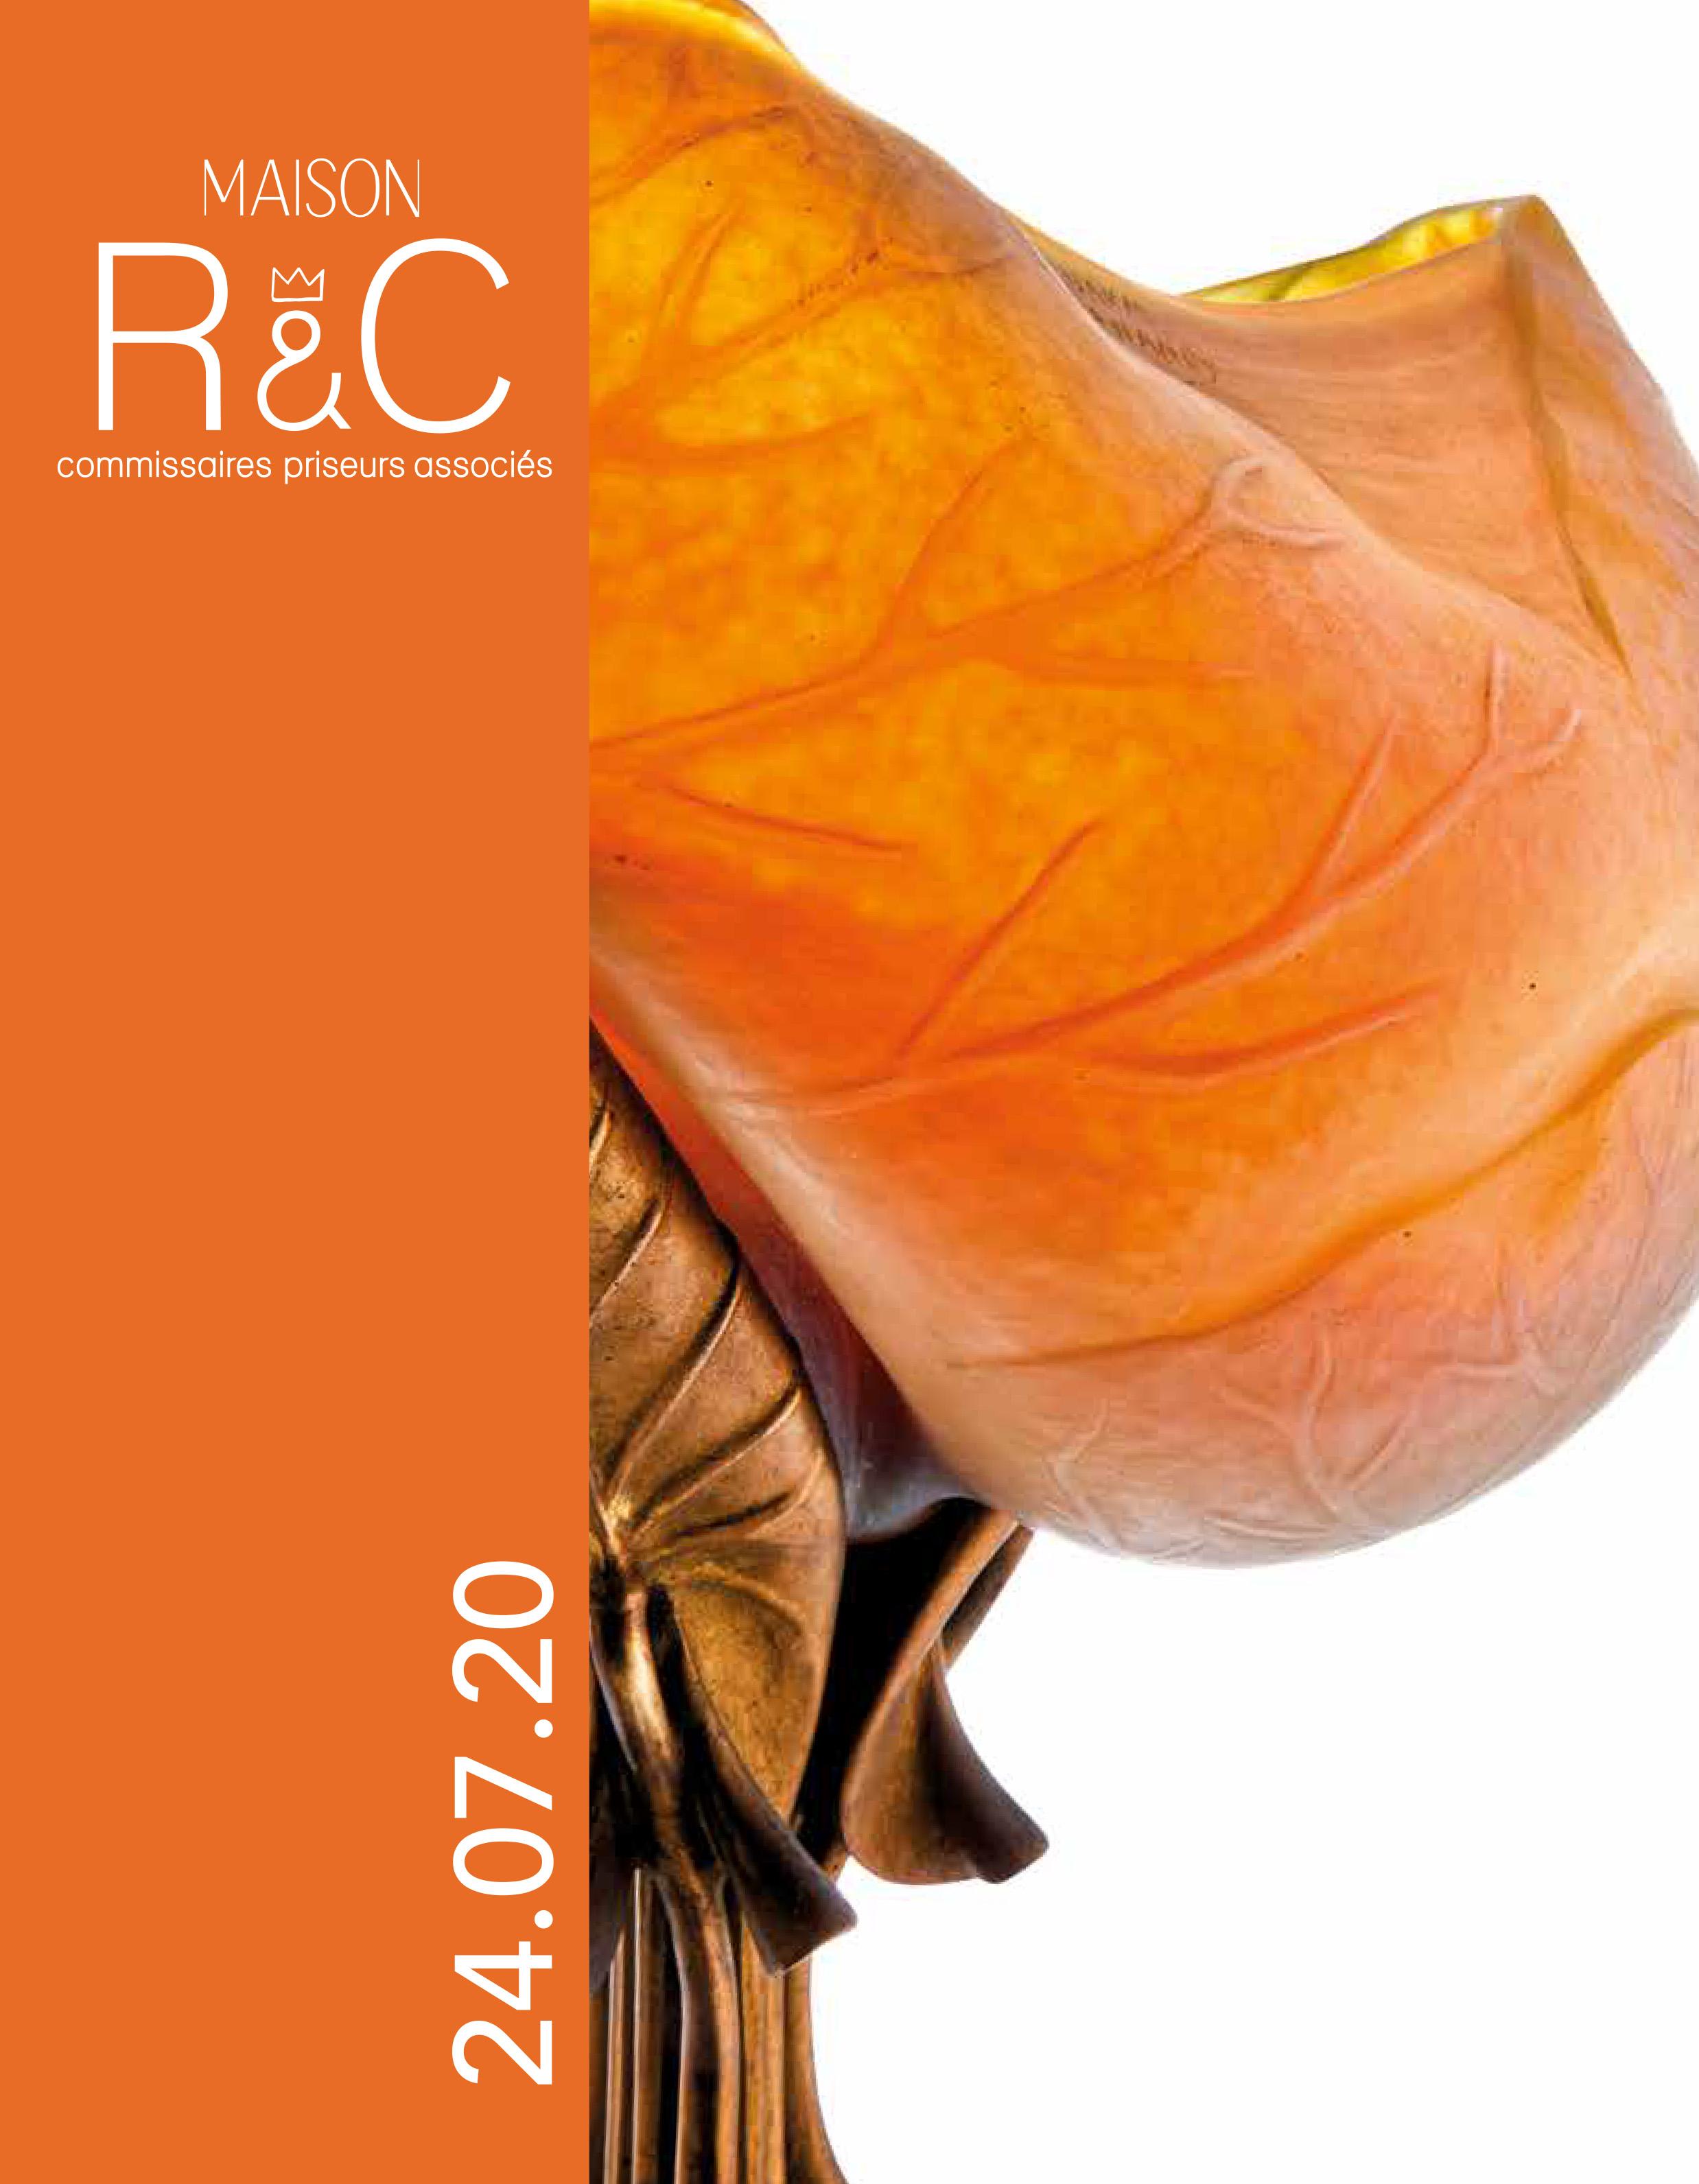 Vente Arts Décoratifs du XXe Siècle chez Maison R&C Commissaires-Priseurs Associés : 182 lots